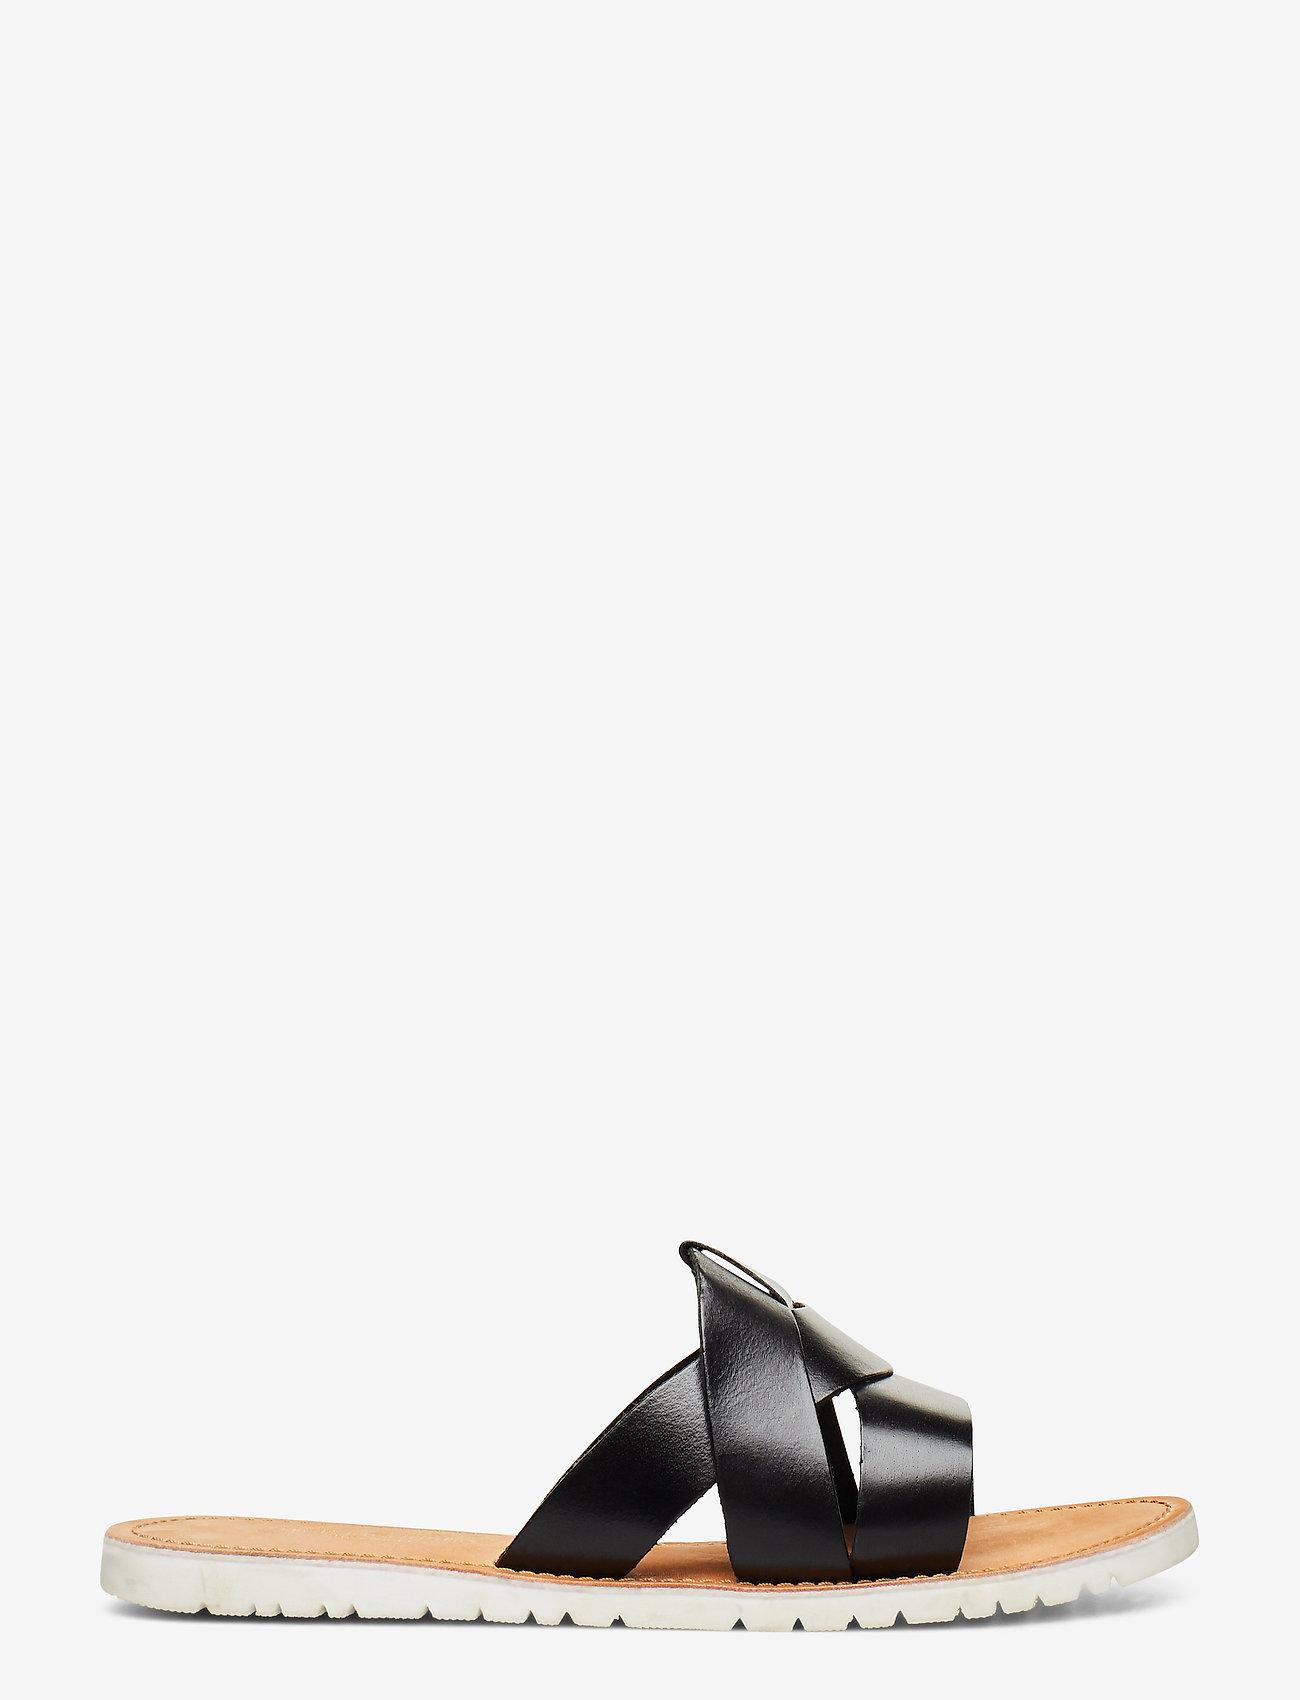 Ilse Jacobsen - SLIP-ON SANDALS - sandales - black - 1